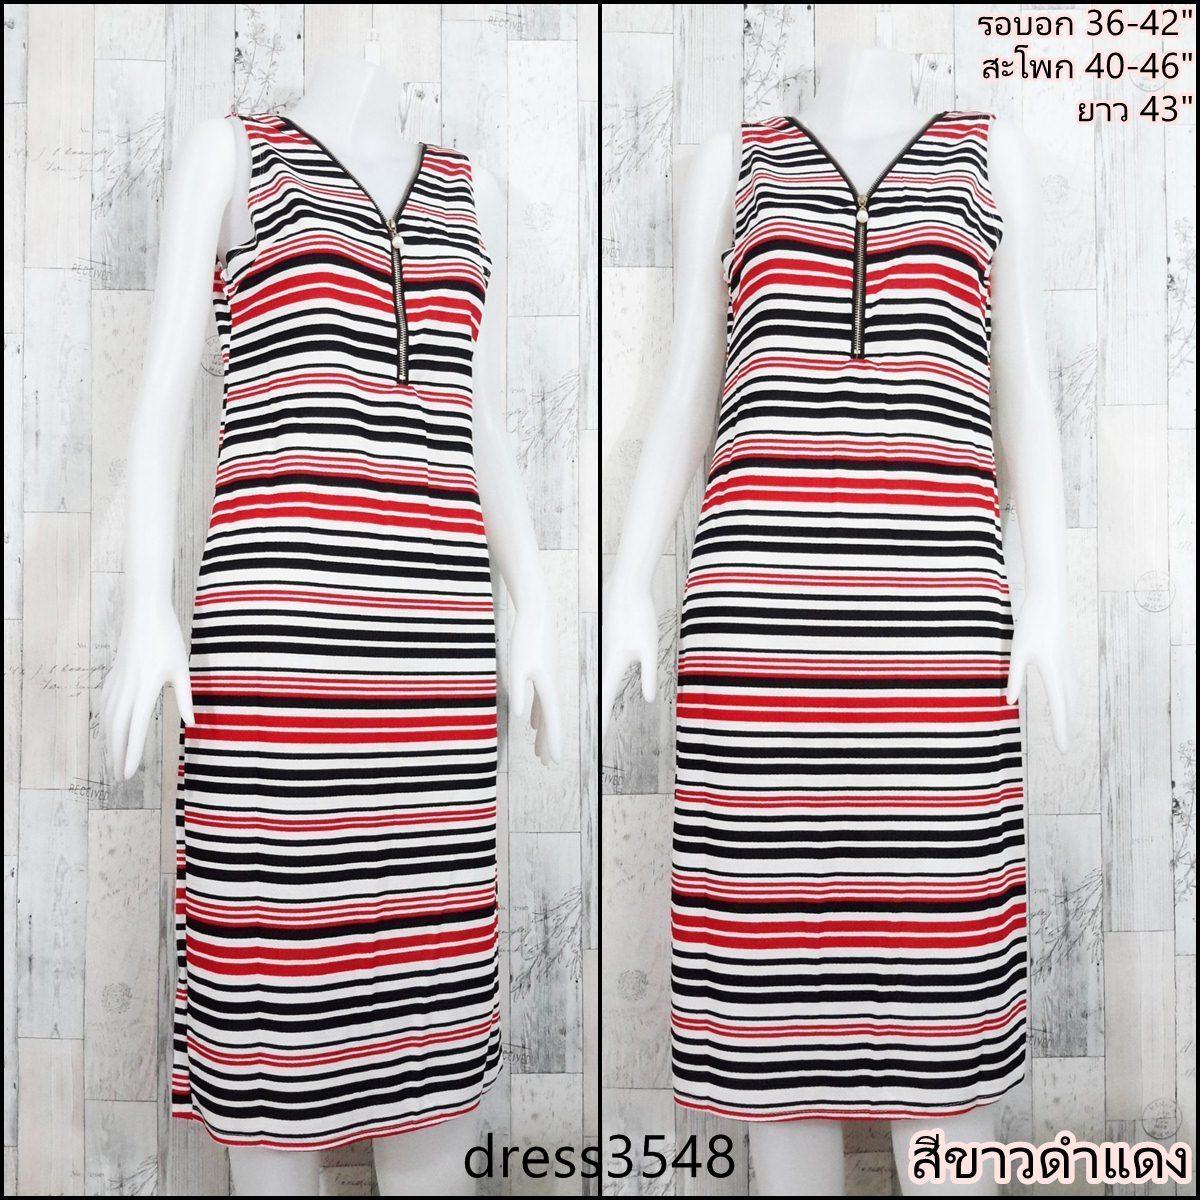 Dress3548 Maxi Dress เดรสยาวคอวีแต่งซิป แขนกุด ผ้าคอตตอนยืดเนื้อนิ่มลายริ้ว สีขาวดำแดง